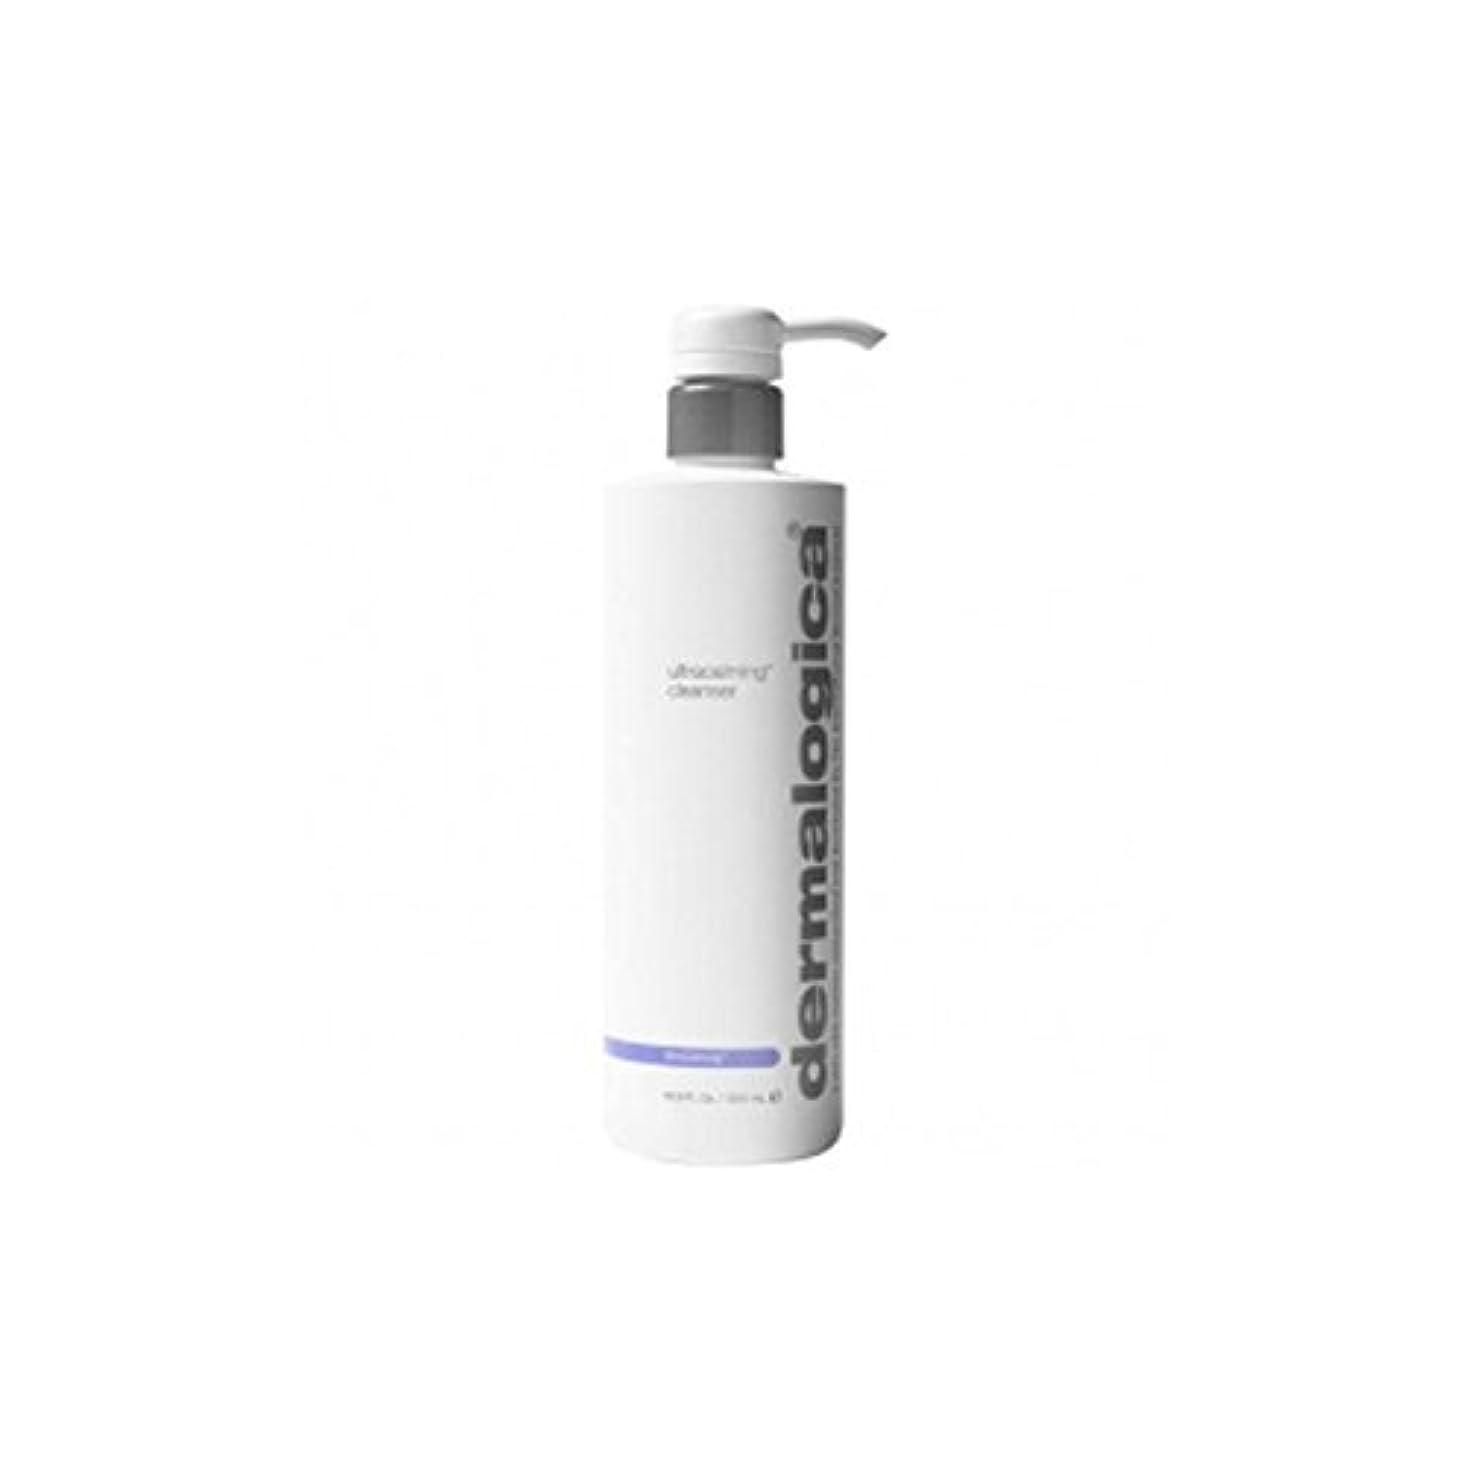 狂人アデレード割合Dermalogica Ultracalming Cleanser (500ml) (Pack of 6) - ダーマロジカクレンザー(500ミリリットル) x6 [並行輸入品]